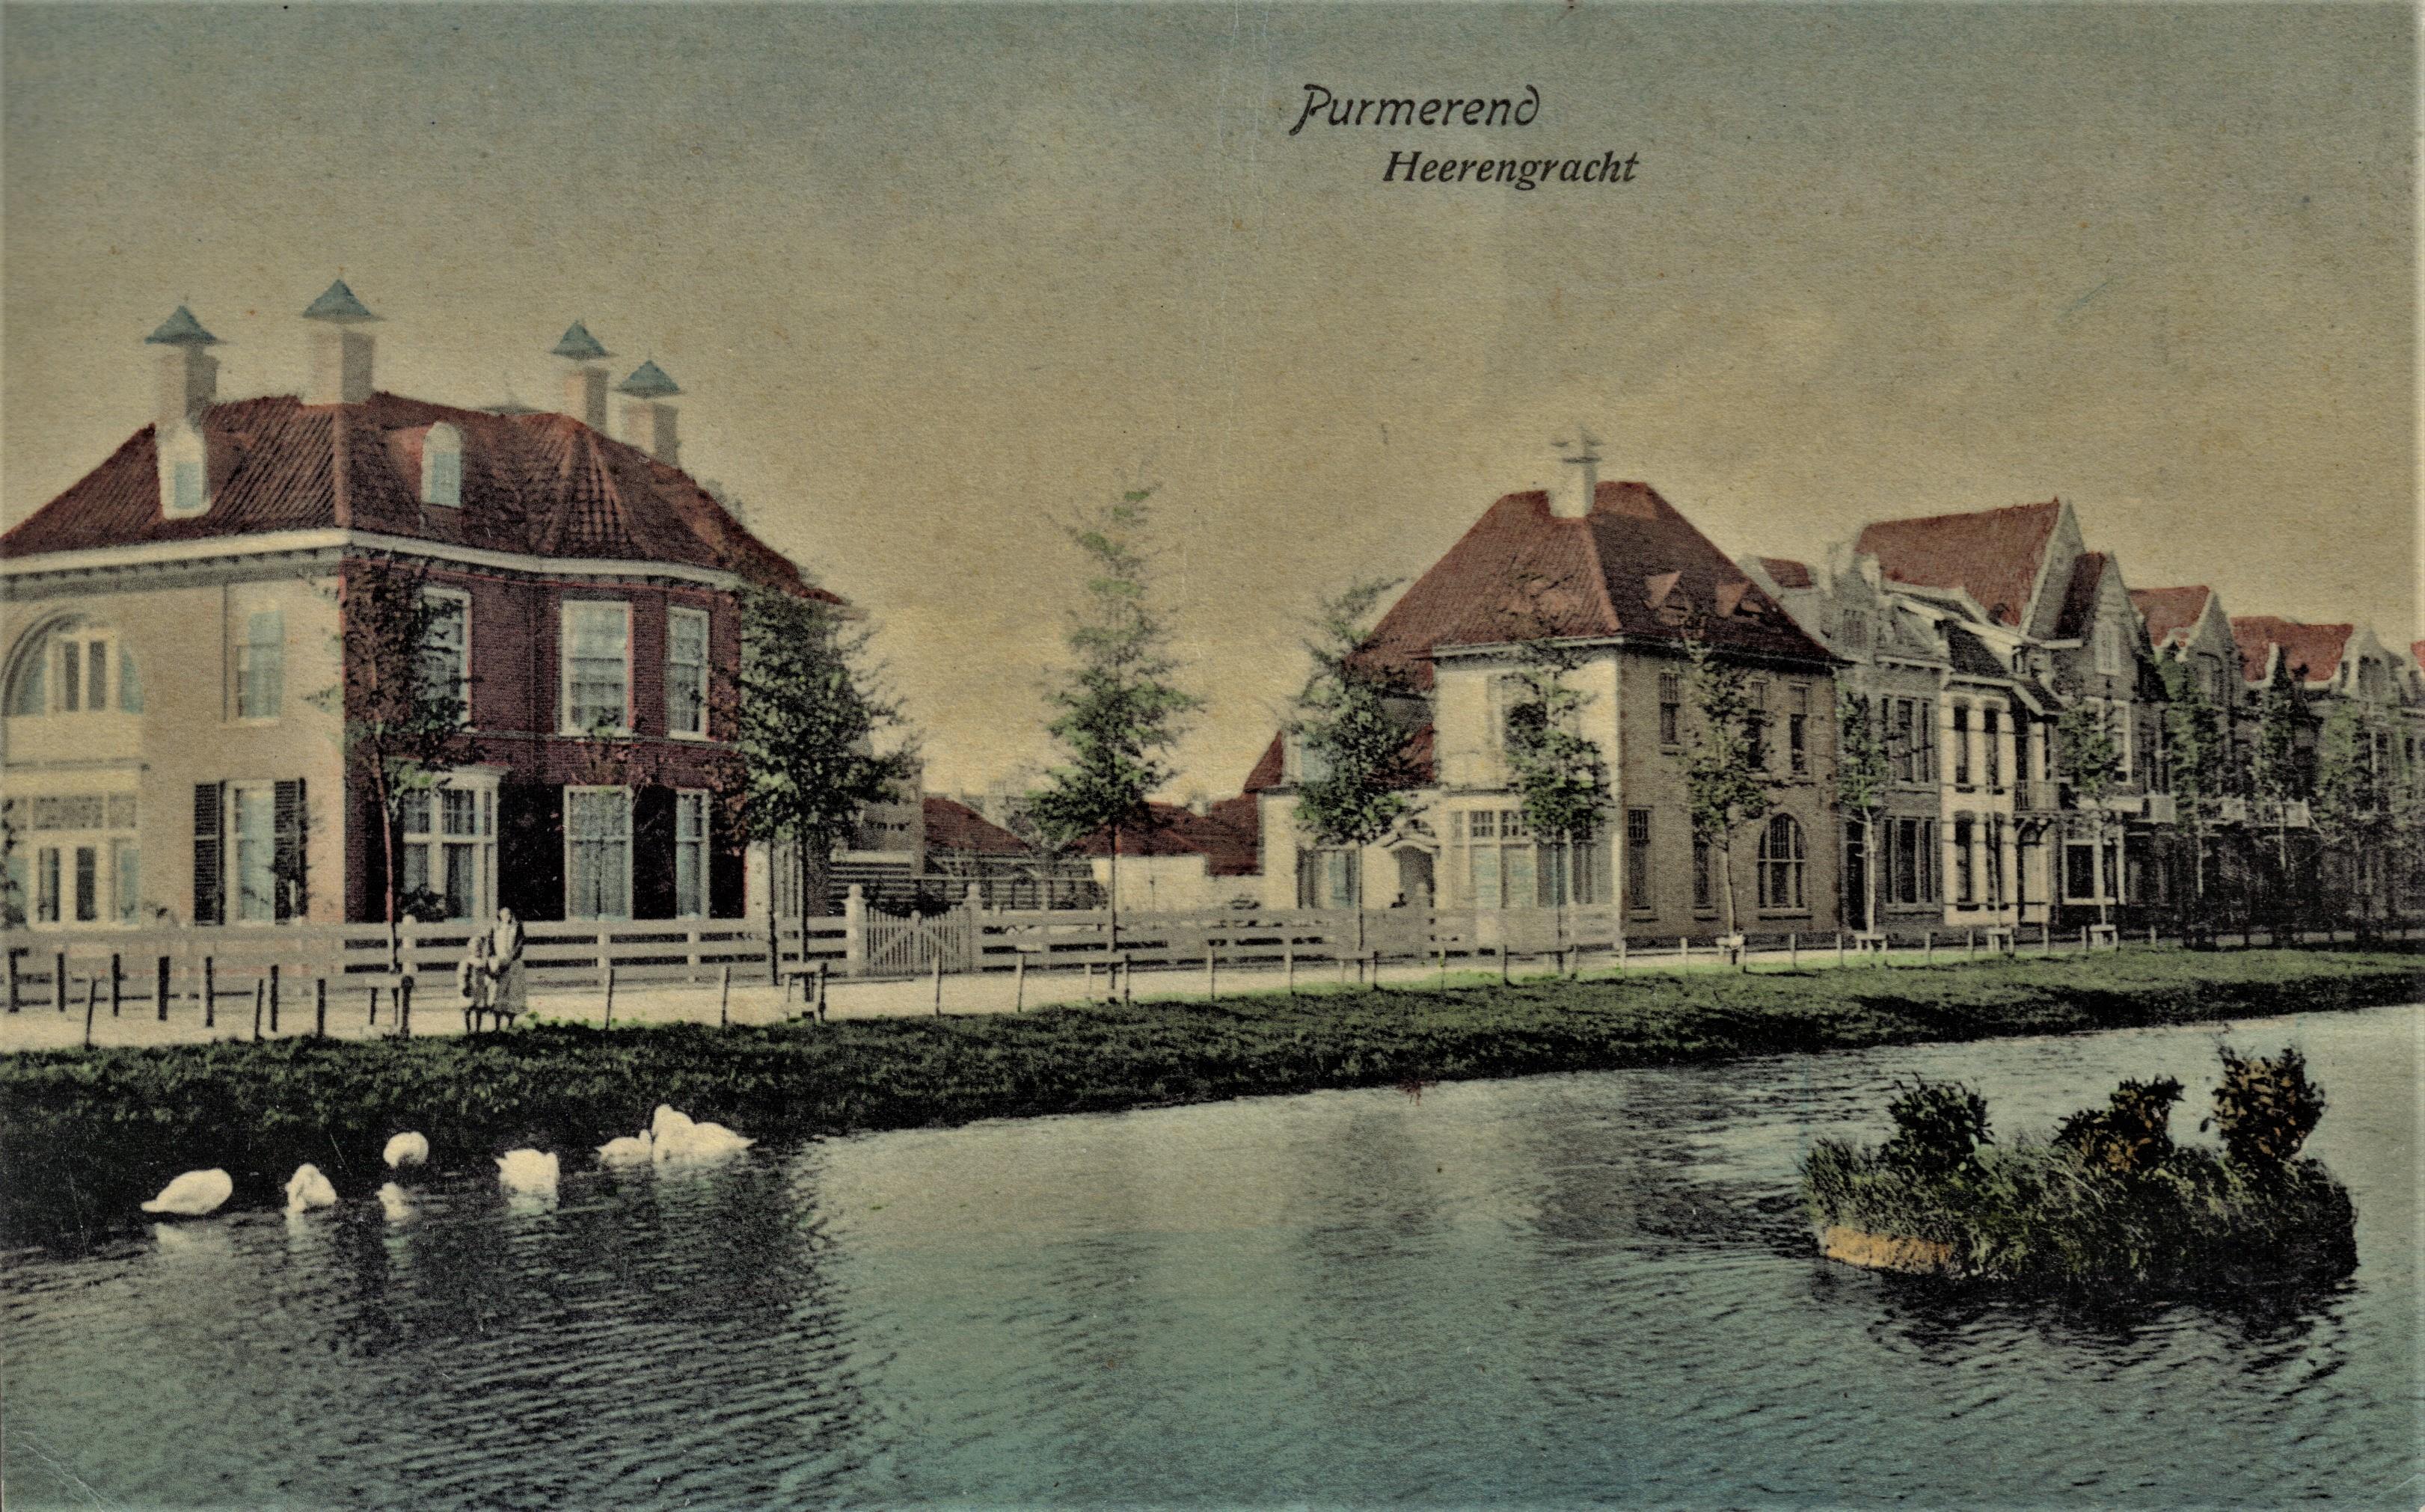 De Villa's Schoonoord en Maria aan de Herengacht, ontworpen door Jan Stuyt. (Beeld: aangeleverd)